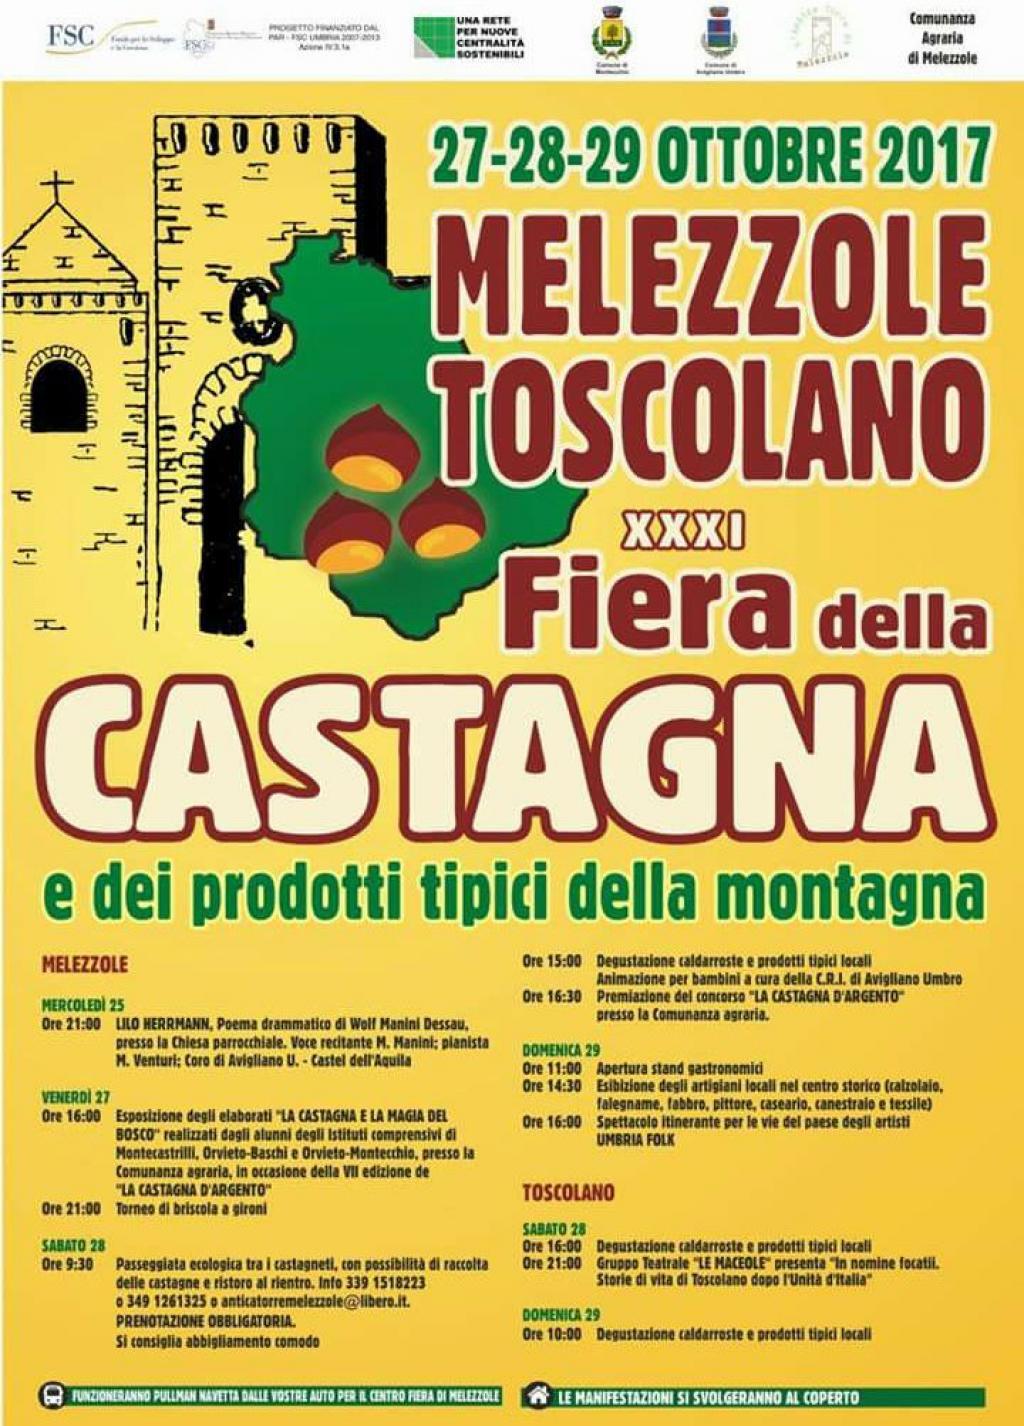 Sagra della castagna - Toscolano Melezzole 2017